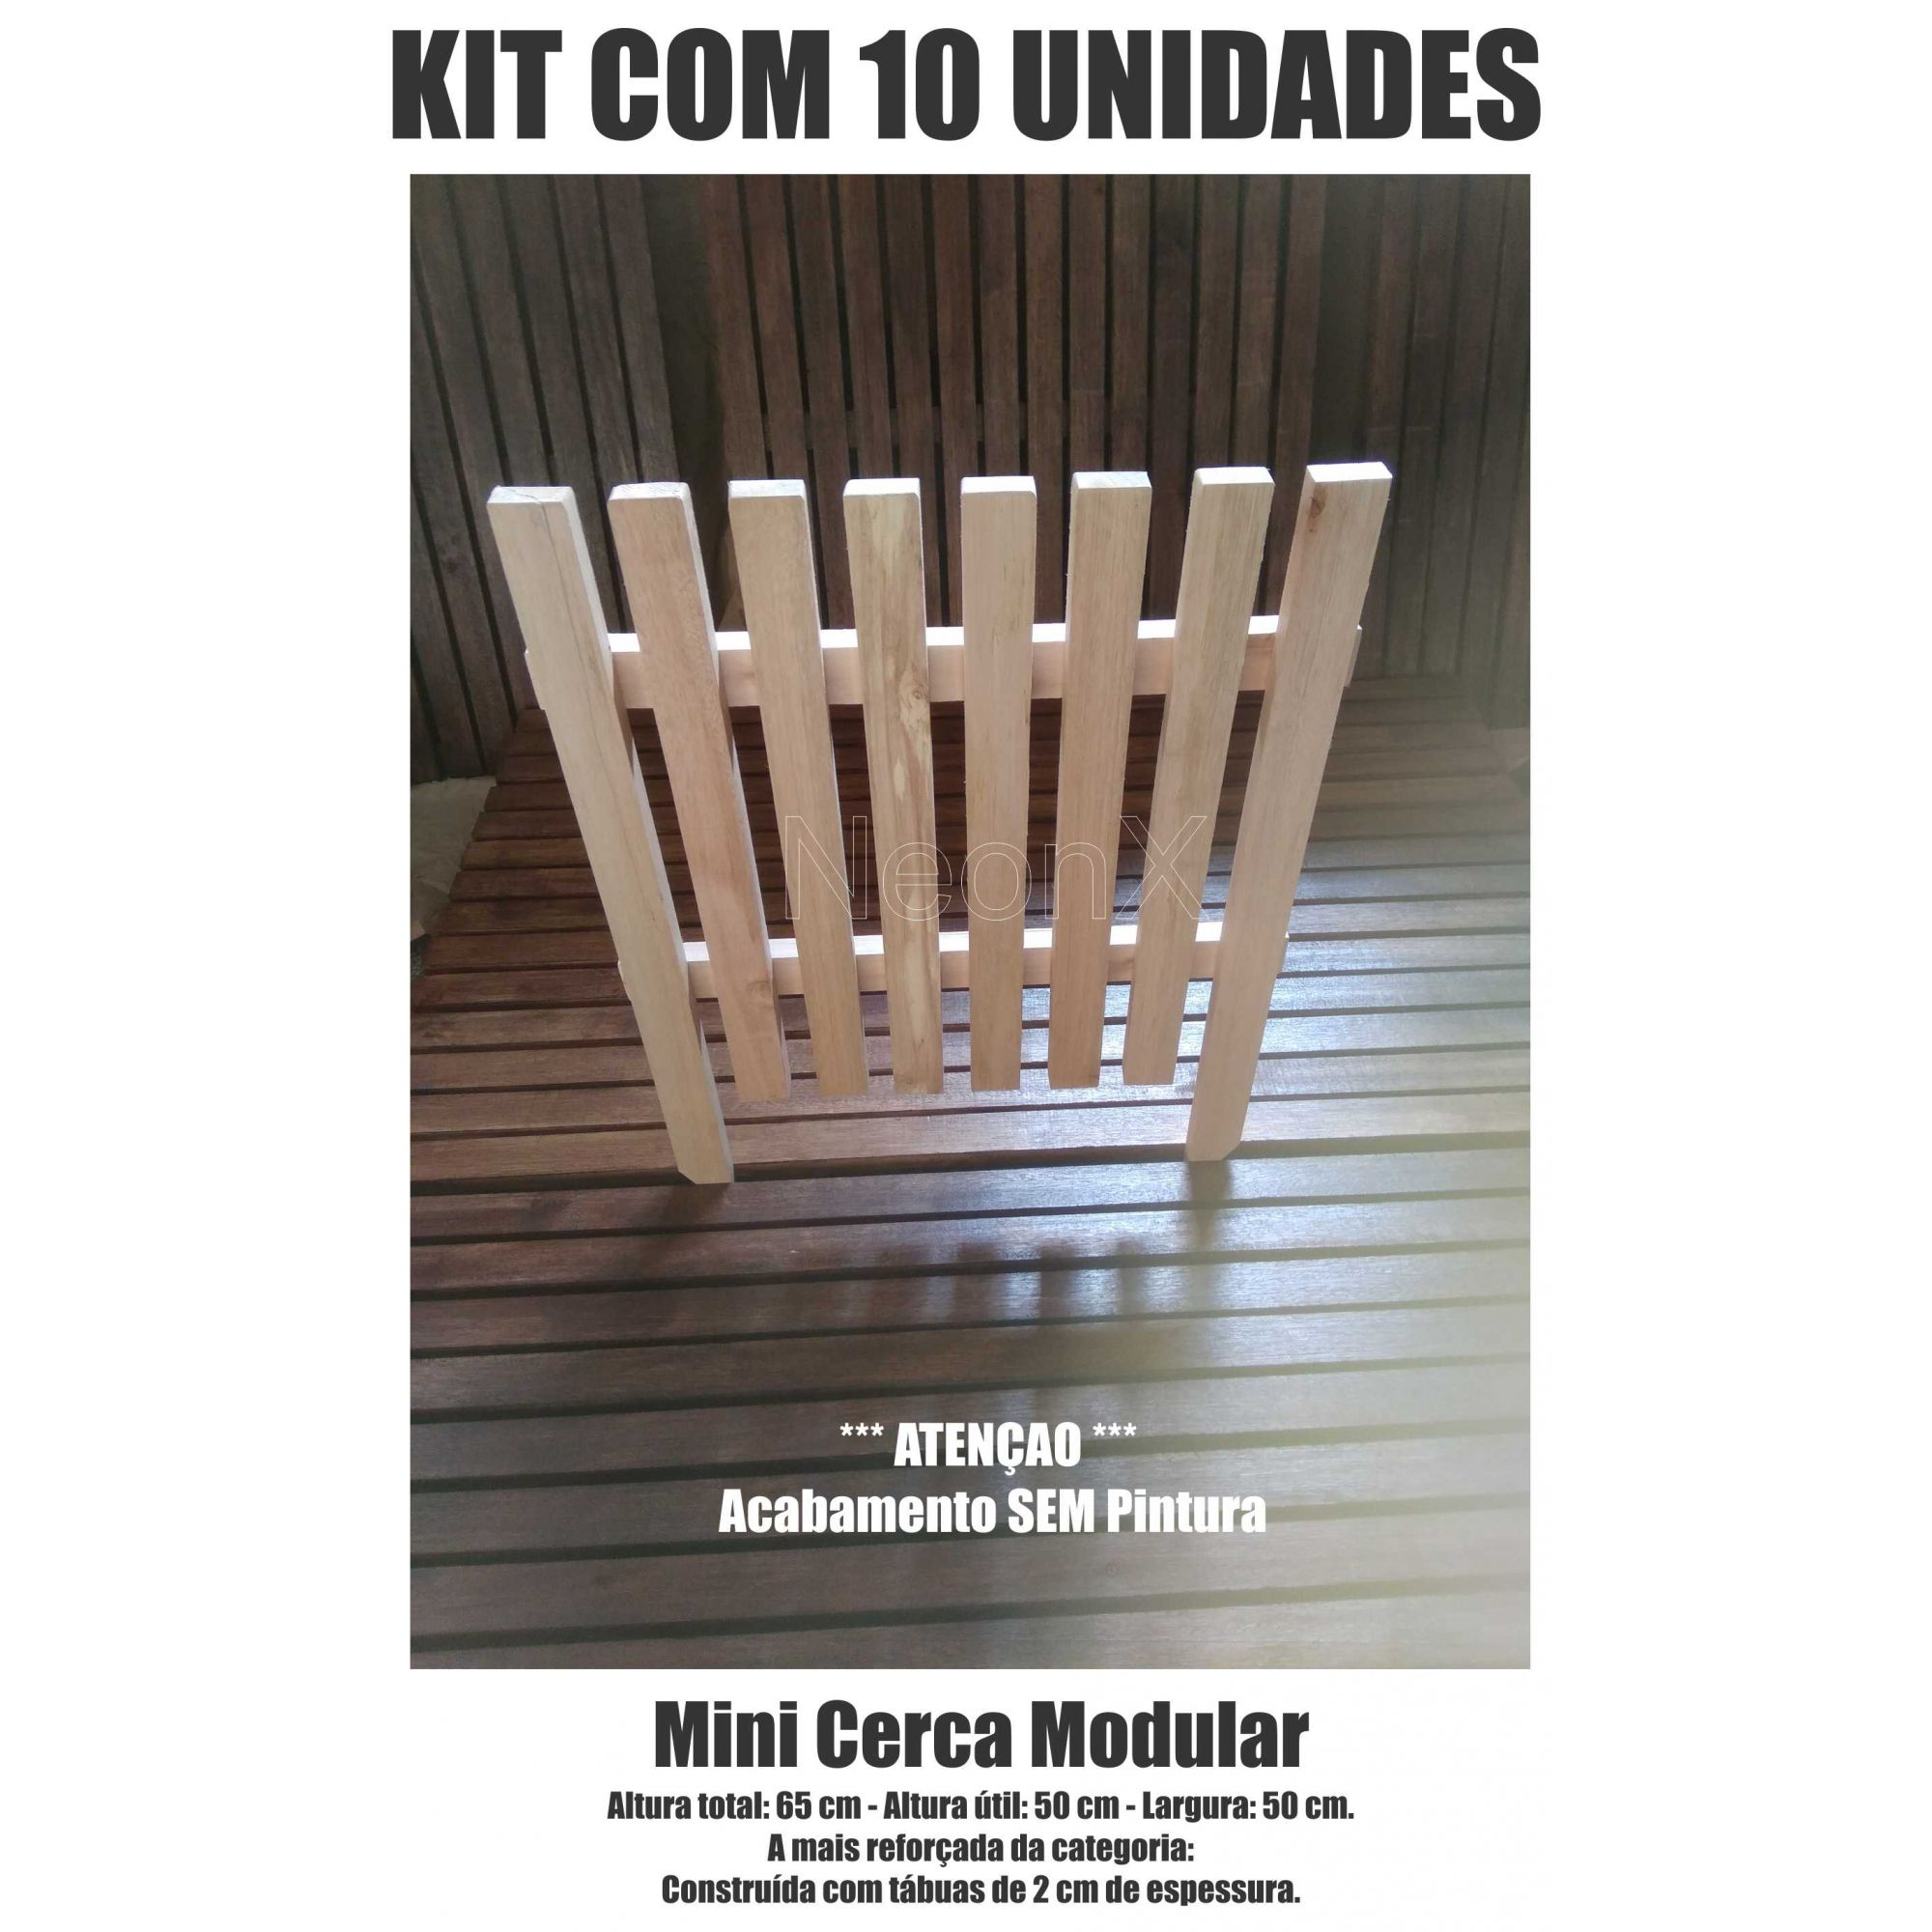 Kit 10 Un. Cerca para Jardim, Horta ou Decoração Clássica Modular Reforçada 50x65 cm SEM Pintura Neonx